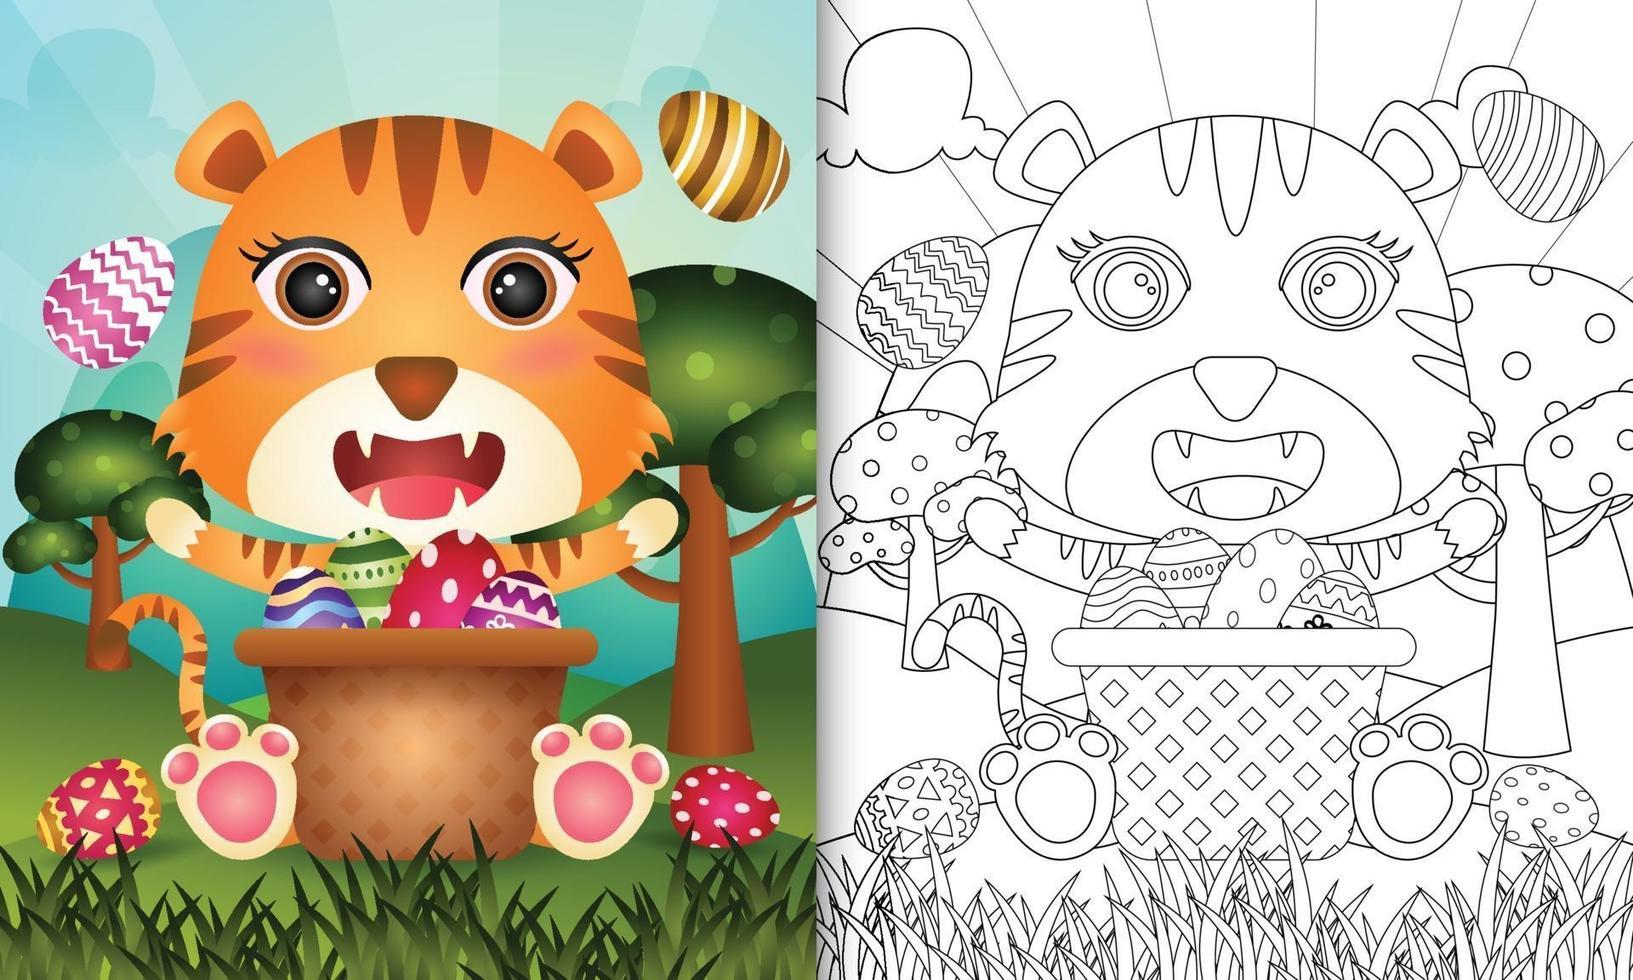 livro de colorir para crianças com tema feliz dia de Páscoa com ilustração de um tigre fofo no ovo balde vetor